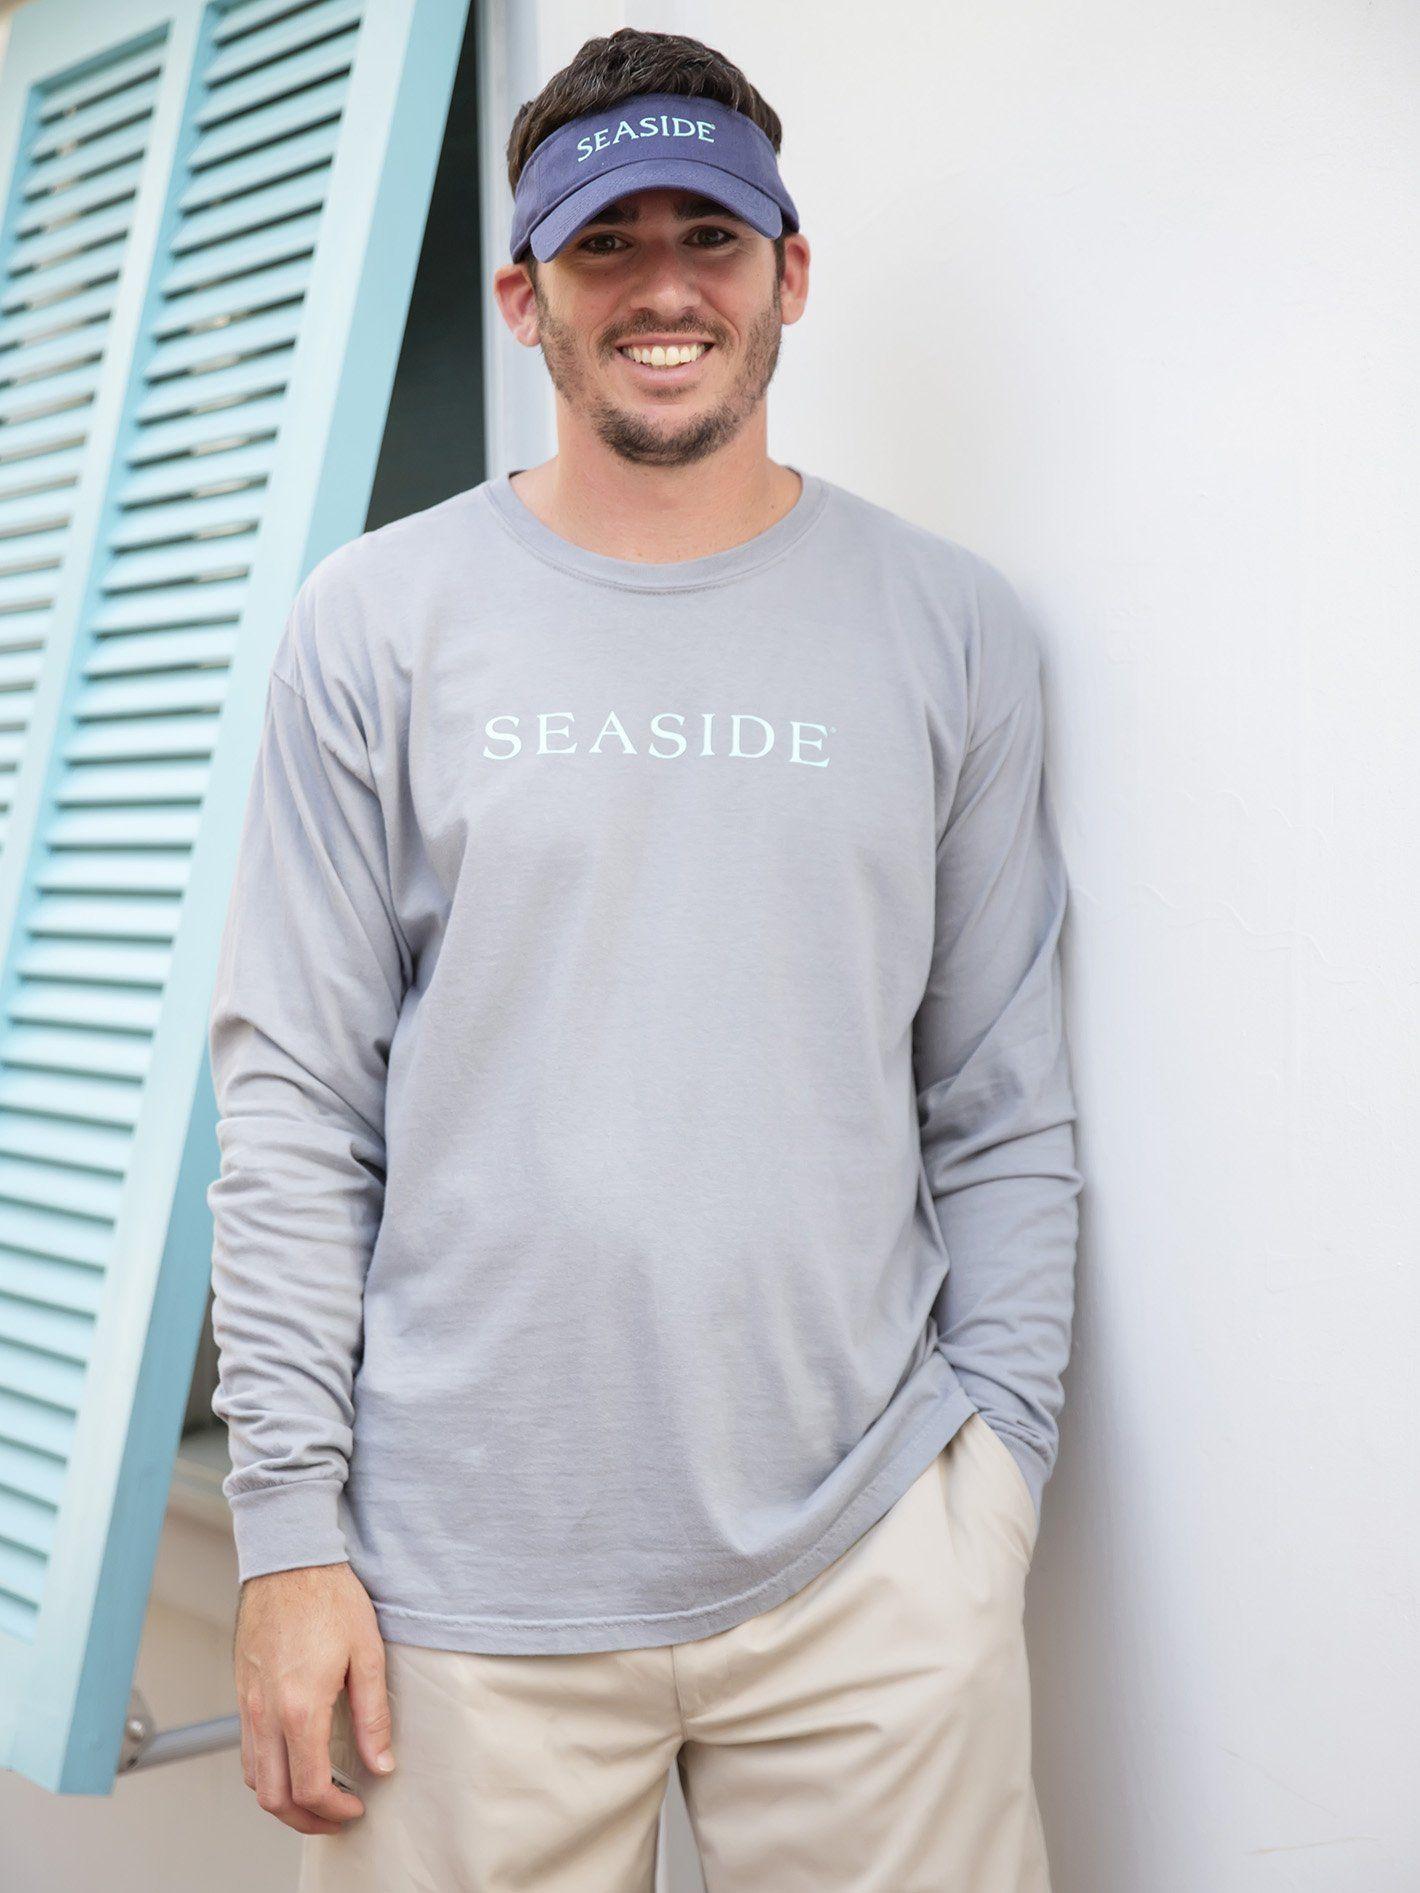 Granite Longsleeve Unisex Seaside Tee In 2021 Long Sleeve Tshirt Men Sweatshirt Fabric Long Sleeve [ 1893 x 1420 Pixel ]